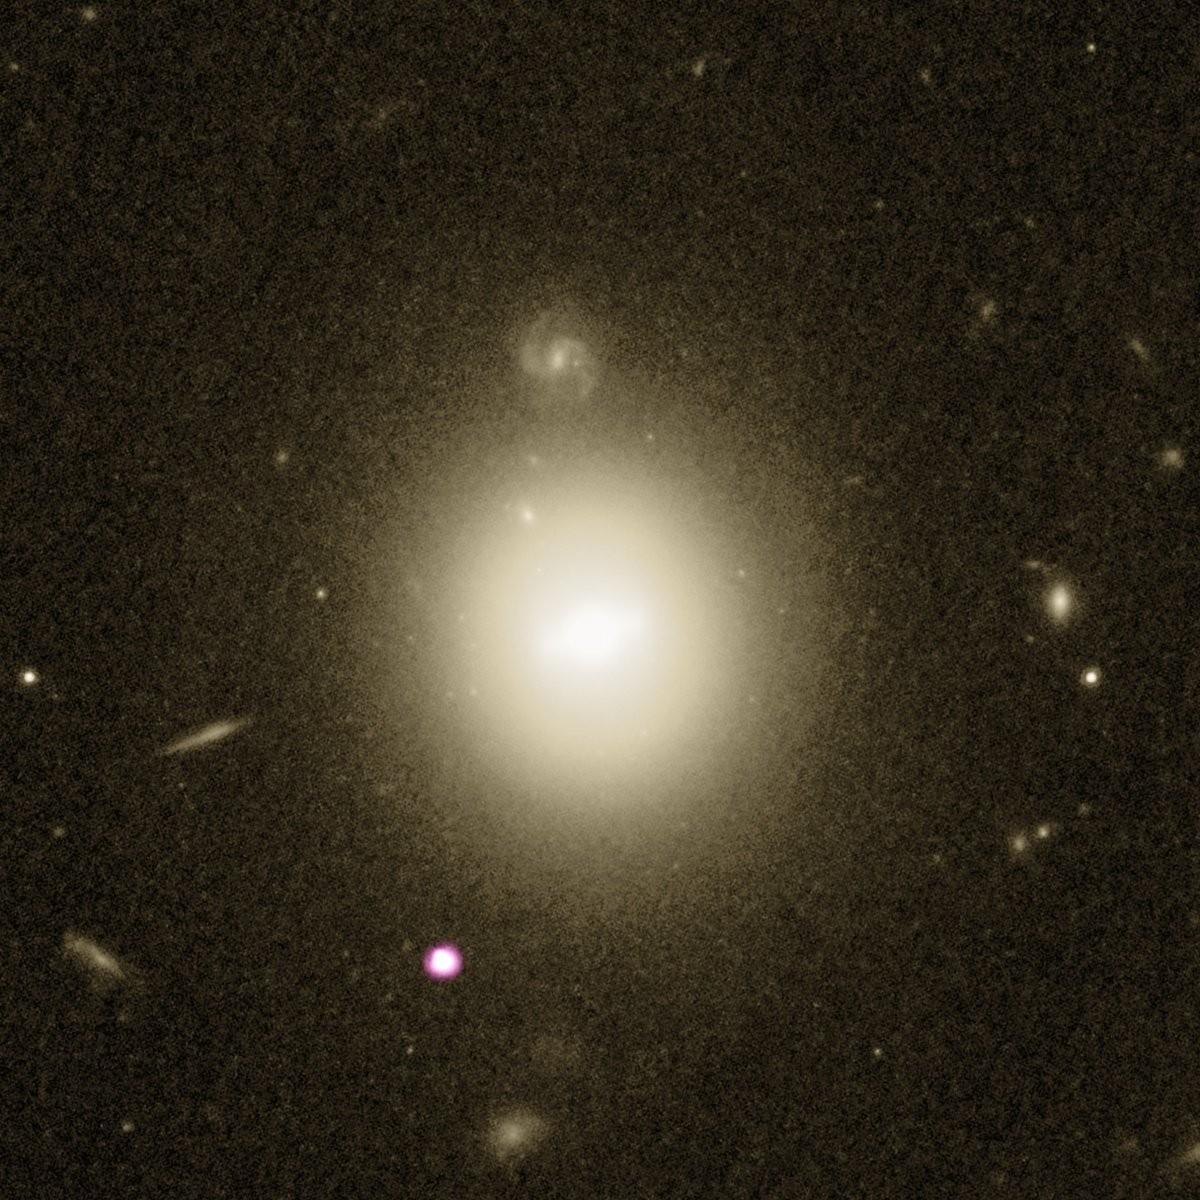 A luz branco-púrpura no canto inferior esquerdo mostra a emissão de raios X dos restos de uma estrela que foi rasgada quando caiu em direção a um buraco negro de massa intermediária. A galáxia hospedeira do buraco negro está localizada no meio da imagem. (Foto: Raio X: NASA / CXC / UNH / D.Lin e outros, ótico: NASA / ESA / STScI)